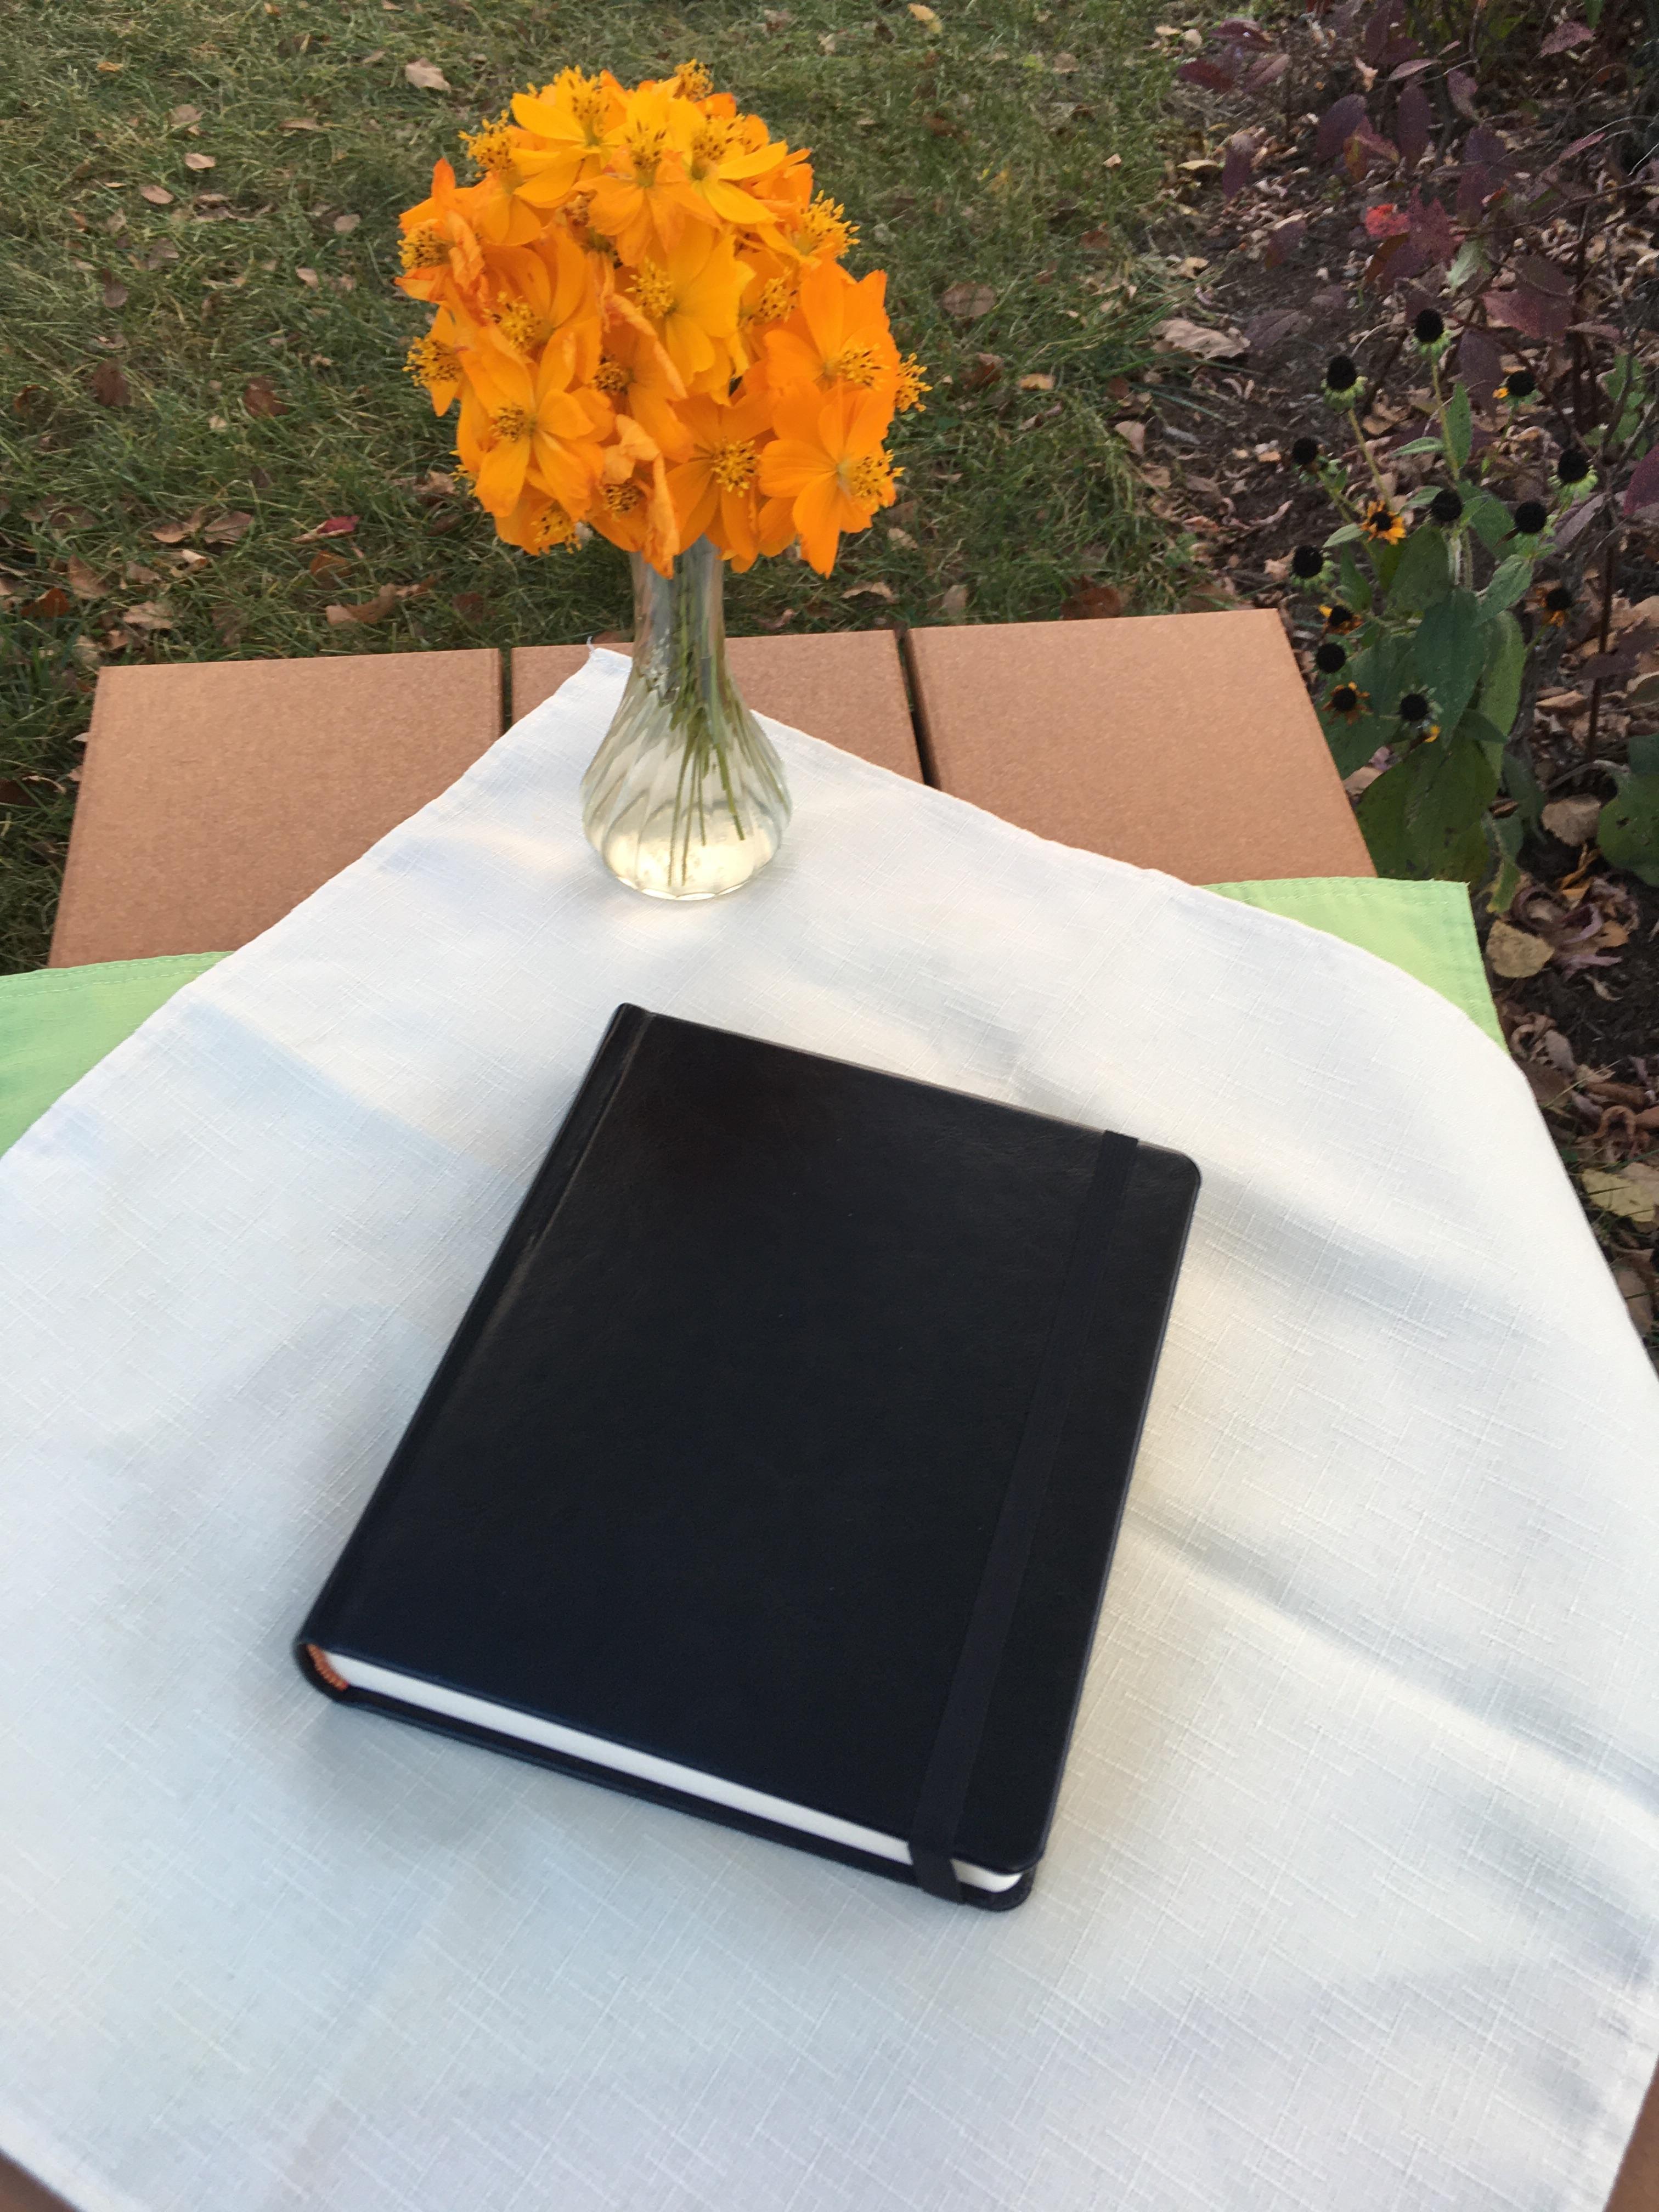 2020 1117 CAstfalk Ignatius Bible Exterior